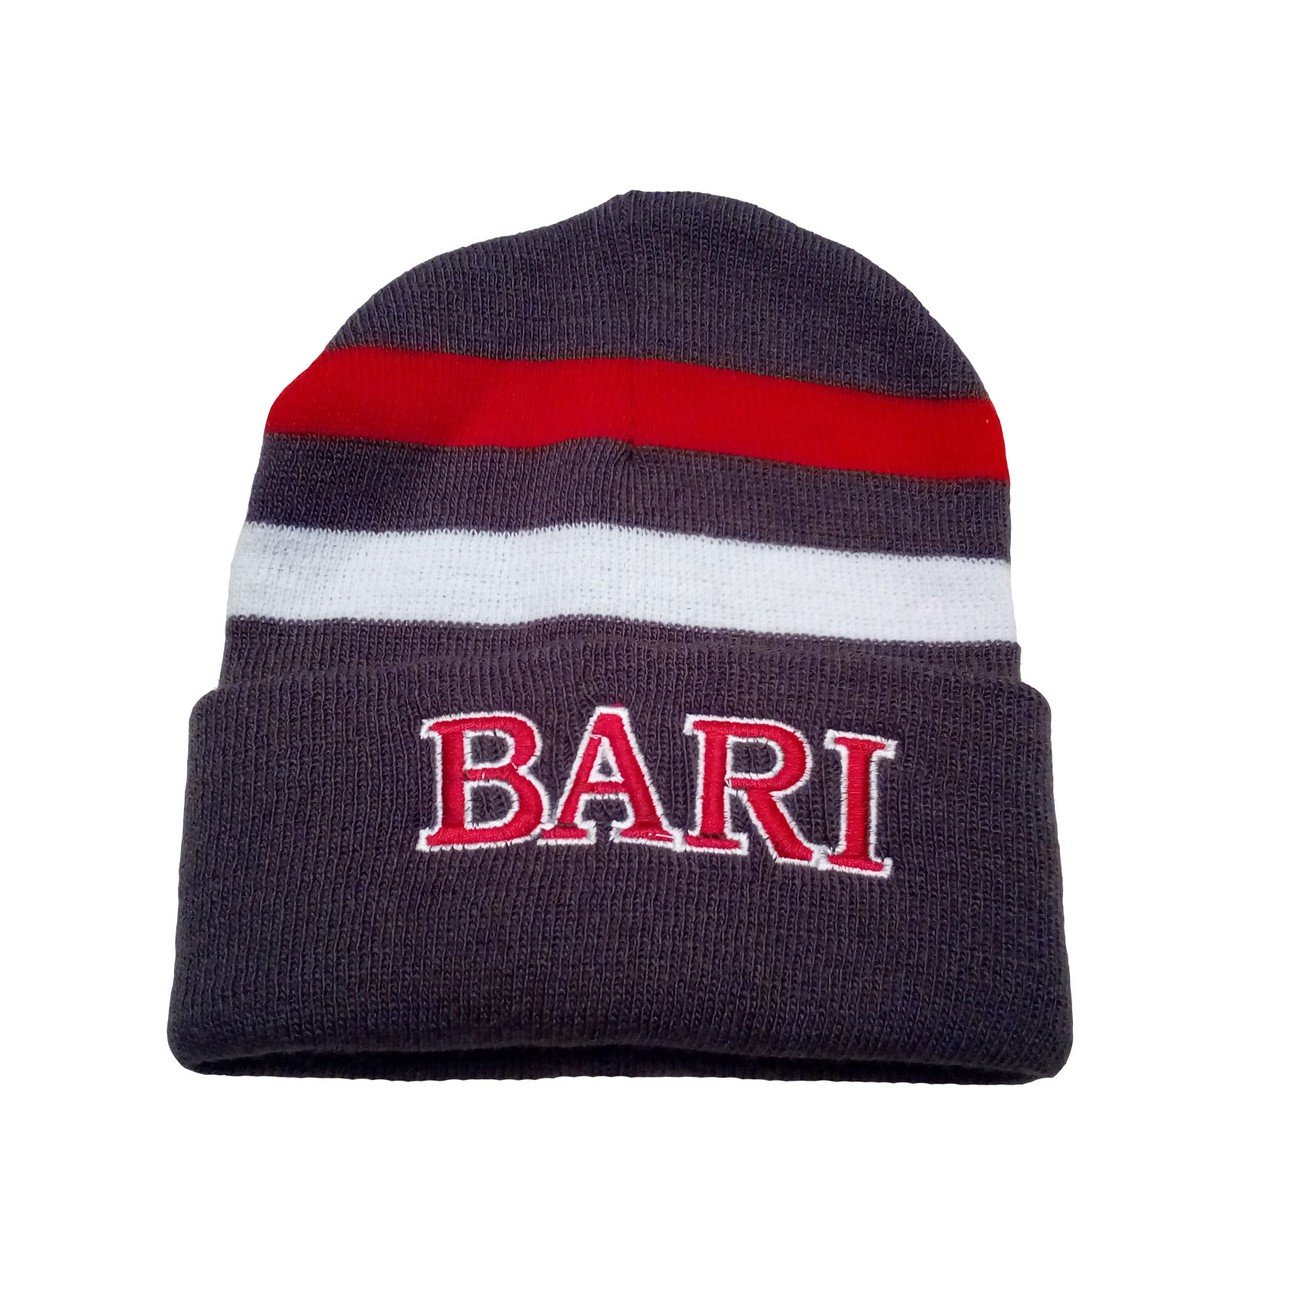 vendita economica comprare a buon mercato selezione migliore Bari berretto cuffia cappello calcio supporters - One size, Grigio ...